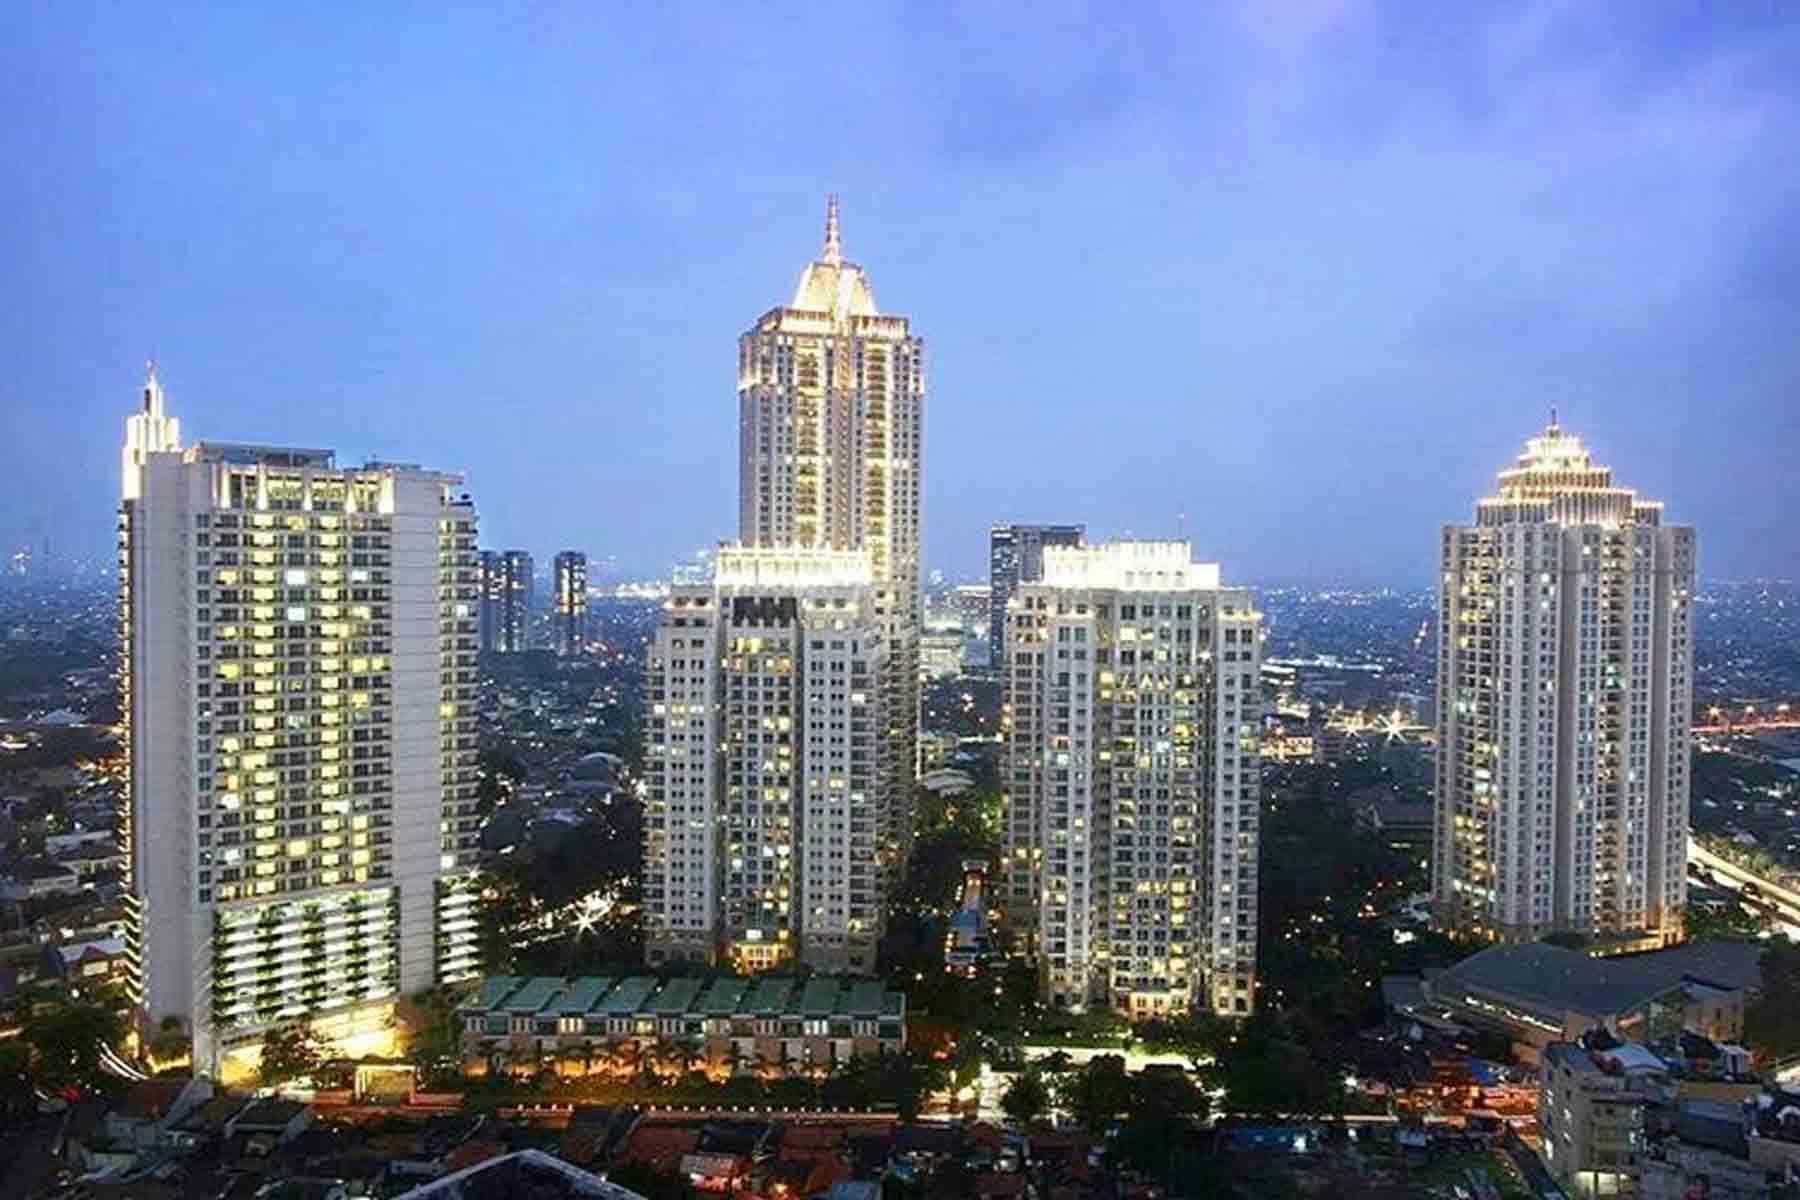 gedung tertinggi di jakarta  daftar gedung tertinggi hotel bintang 3 daerah jakarta pusat daftar hotel bintang 3 di jakarta pusat